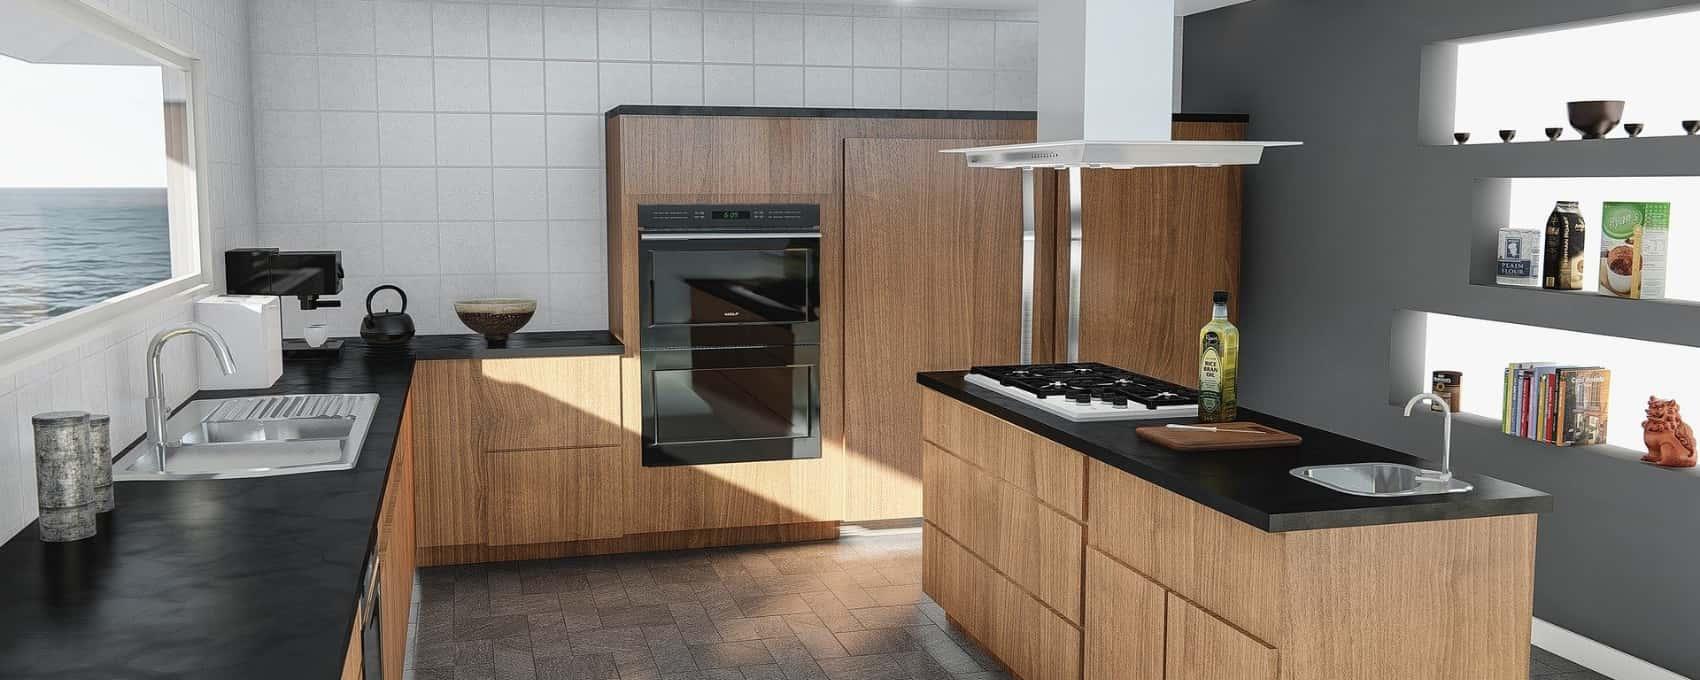 Kitchen Architectural Design Ideas